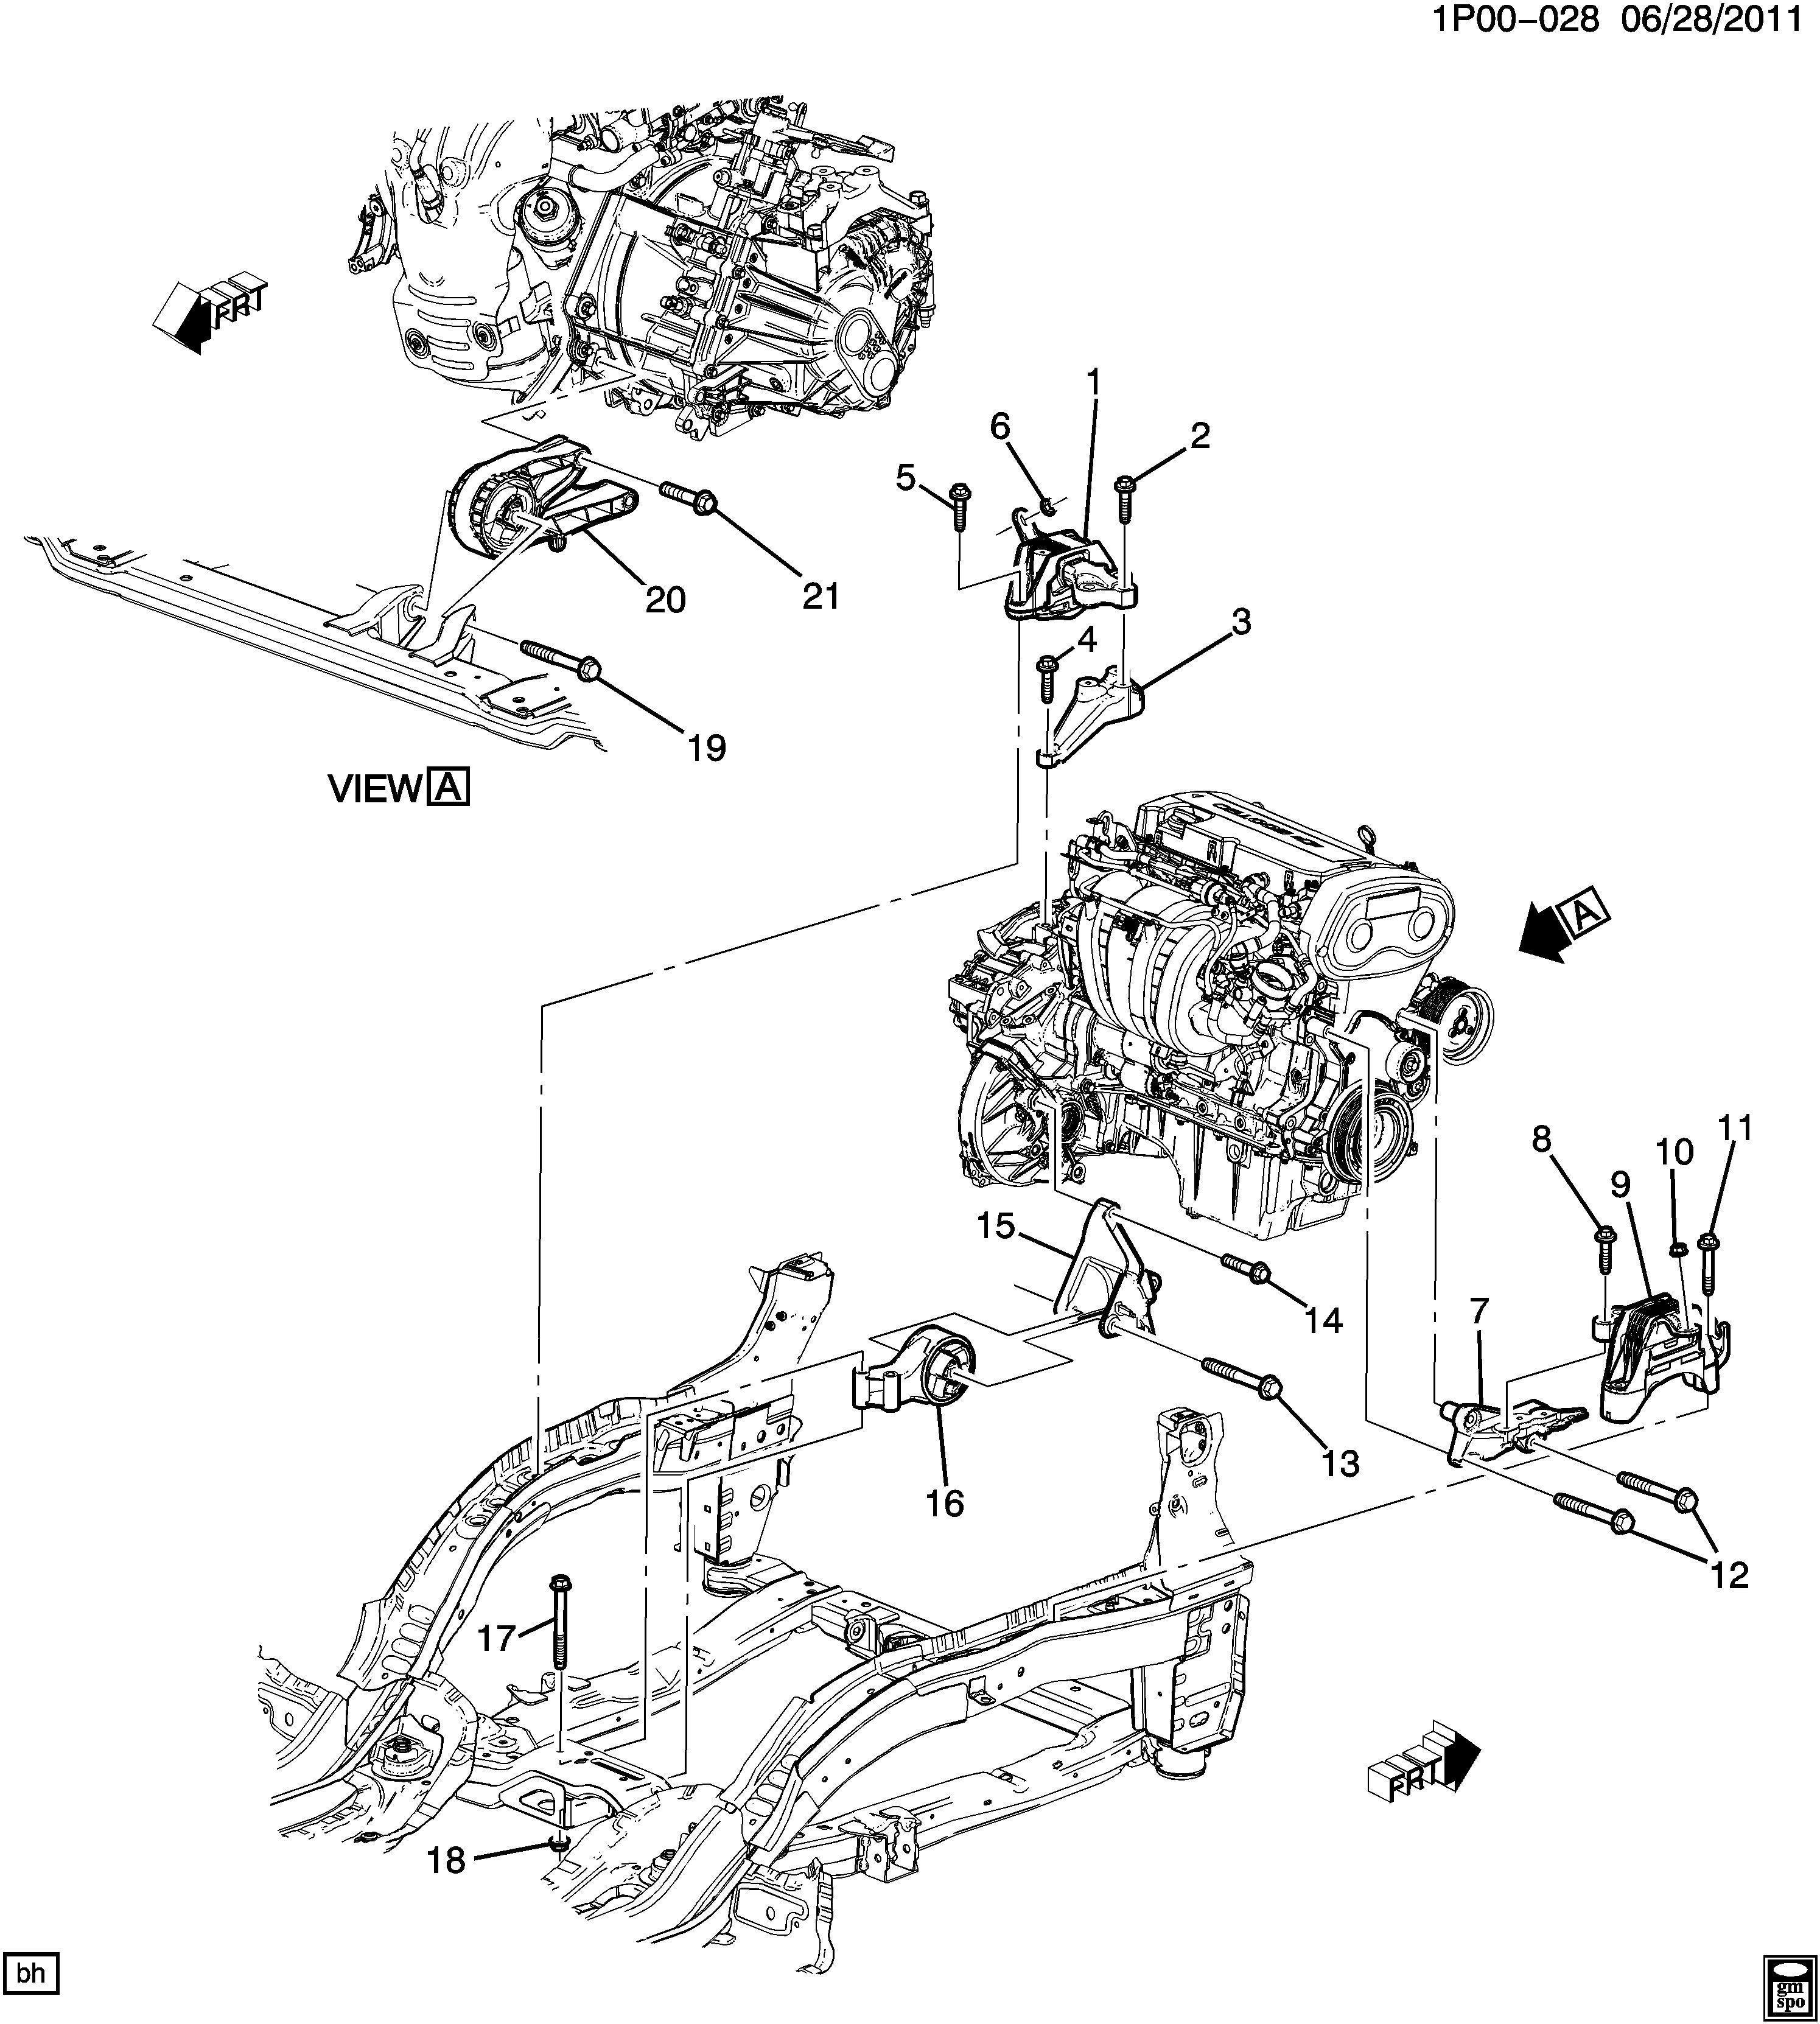 Chevy 3 6 Dohc Vvt Engine Com